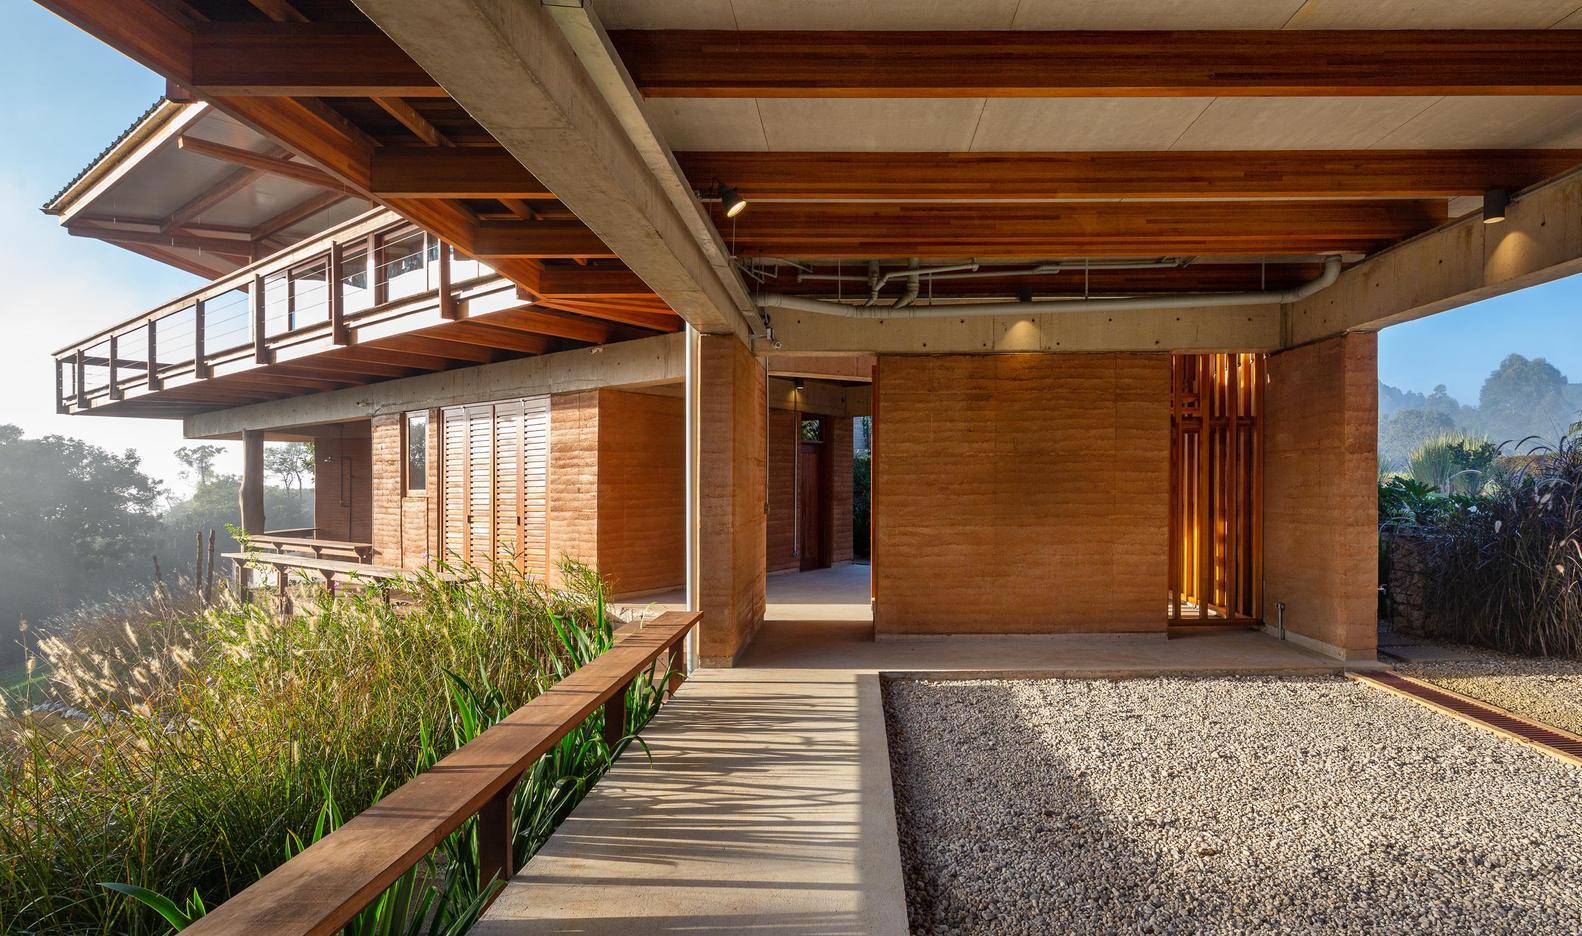 O projeto de Gui Paoliell usa a taipa de pilão feita a partir de terra e barro; material tem sido usado para construções inteligente e conscientes.